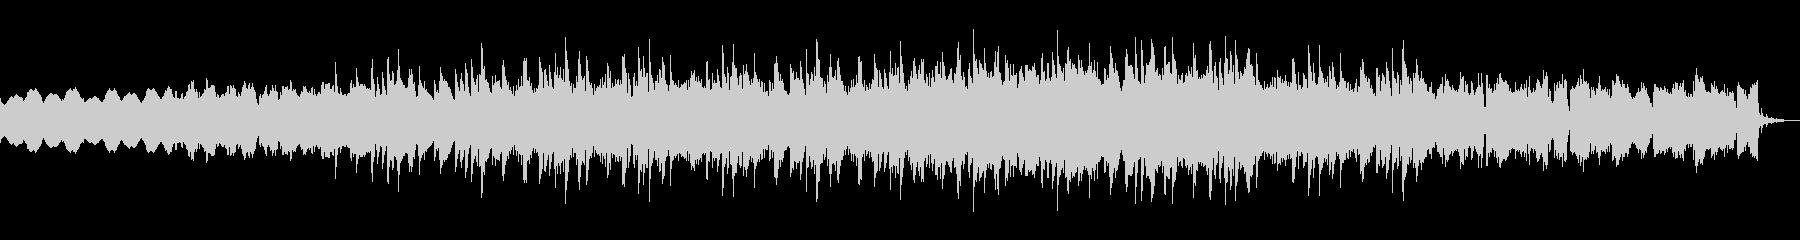 BPM64_ドラムなしの未再生の波形